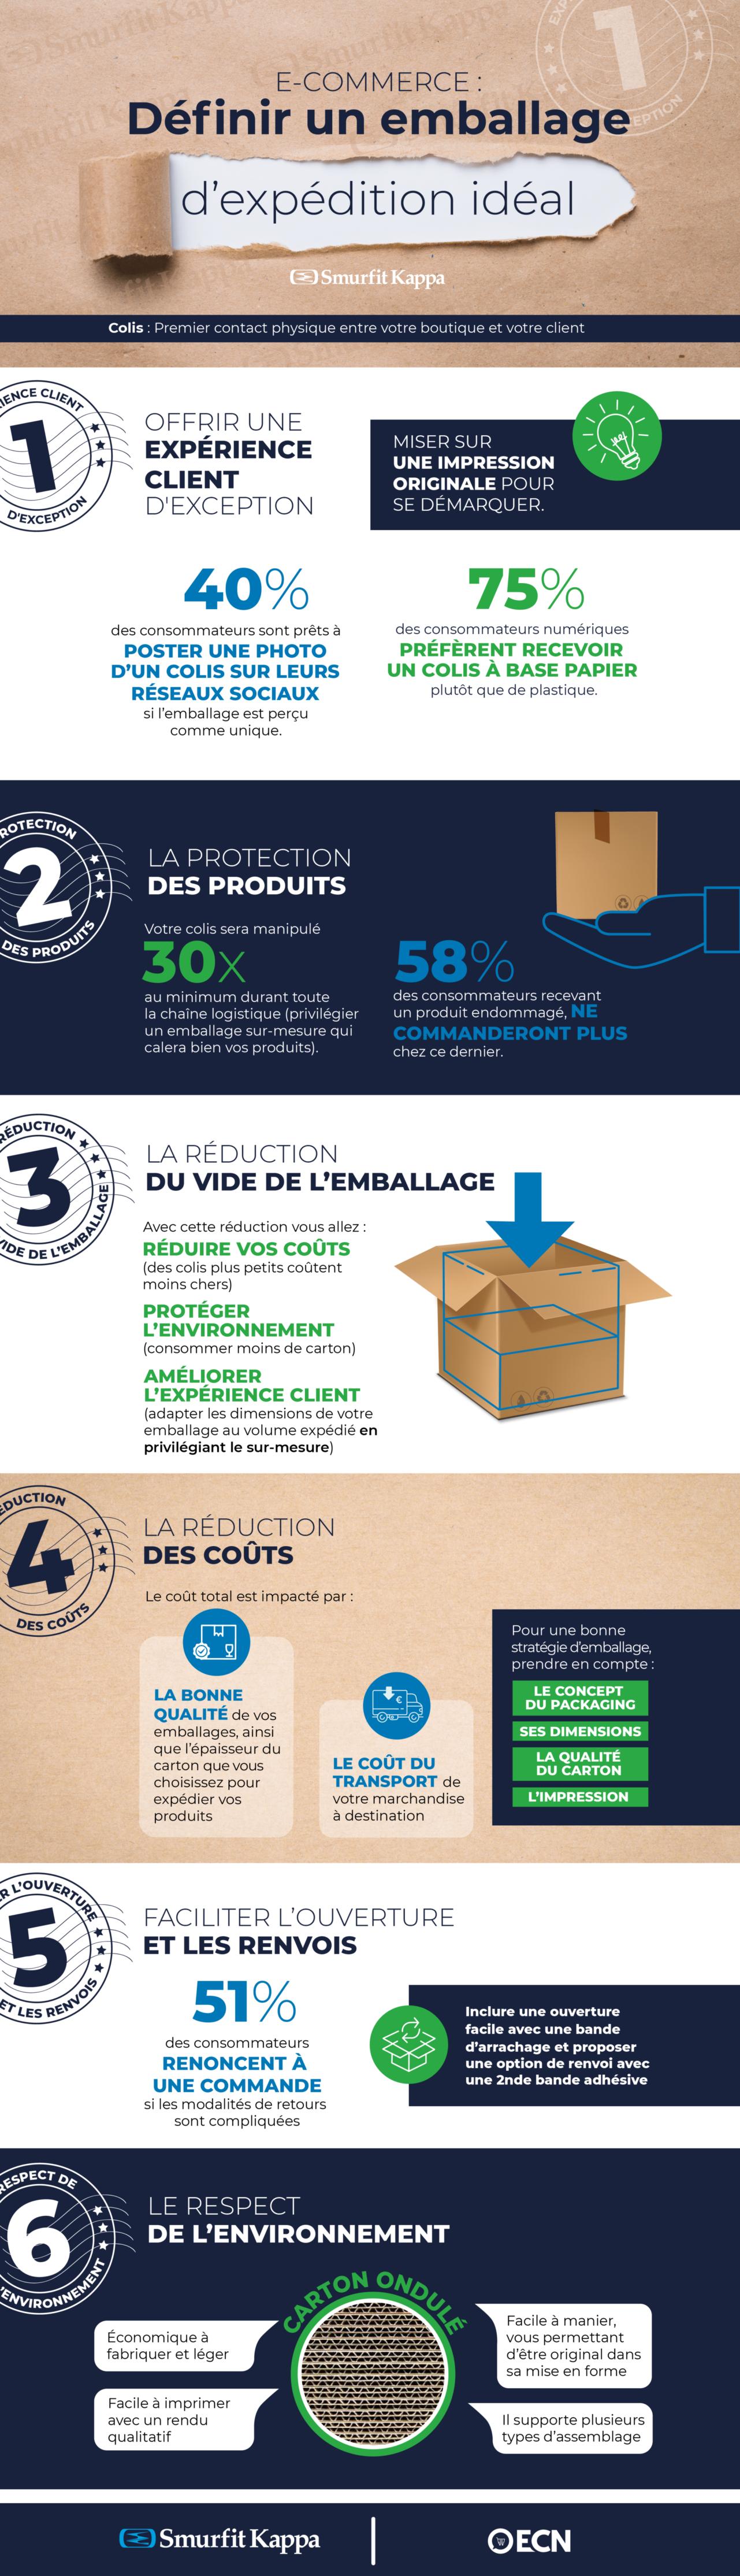 infographie  e